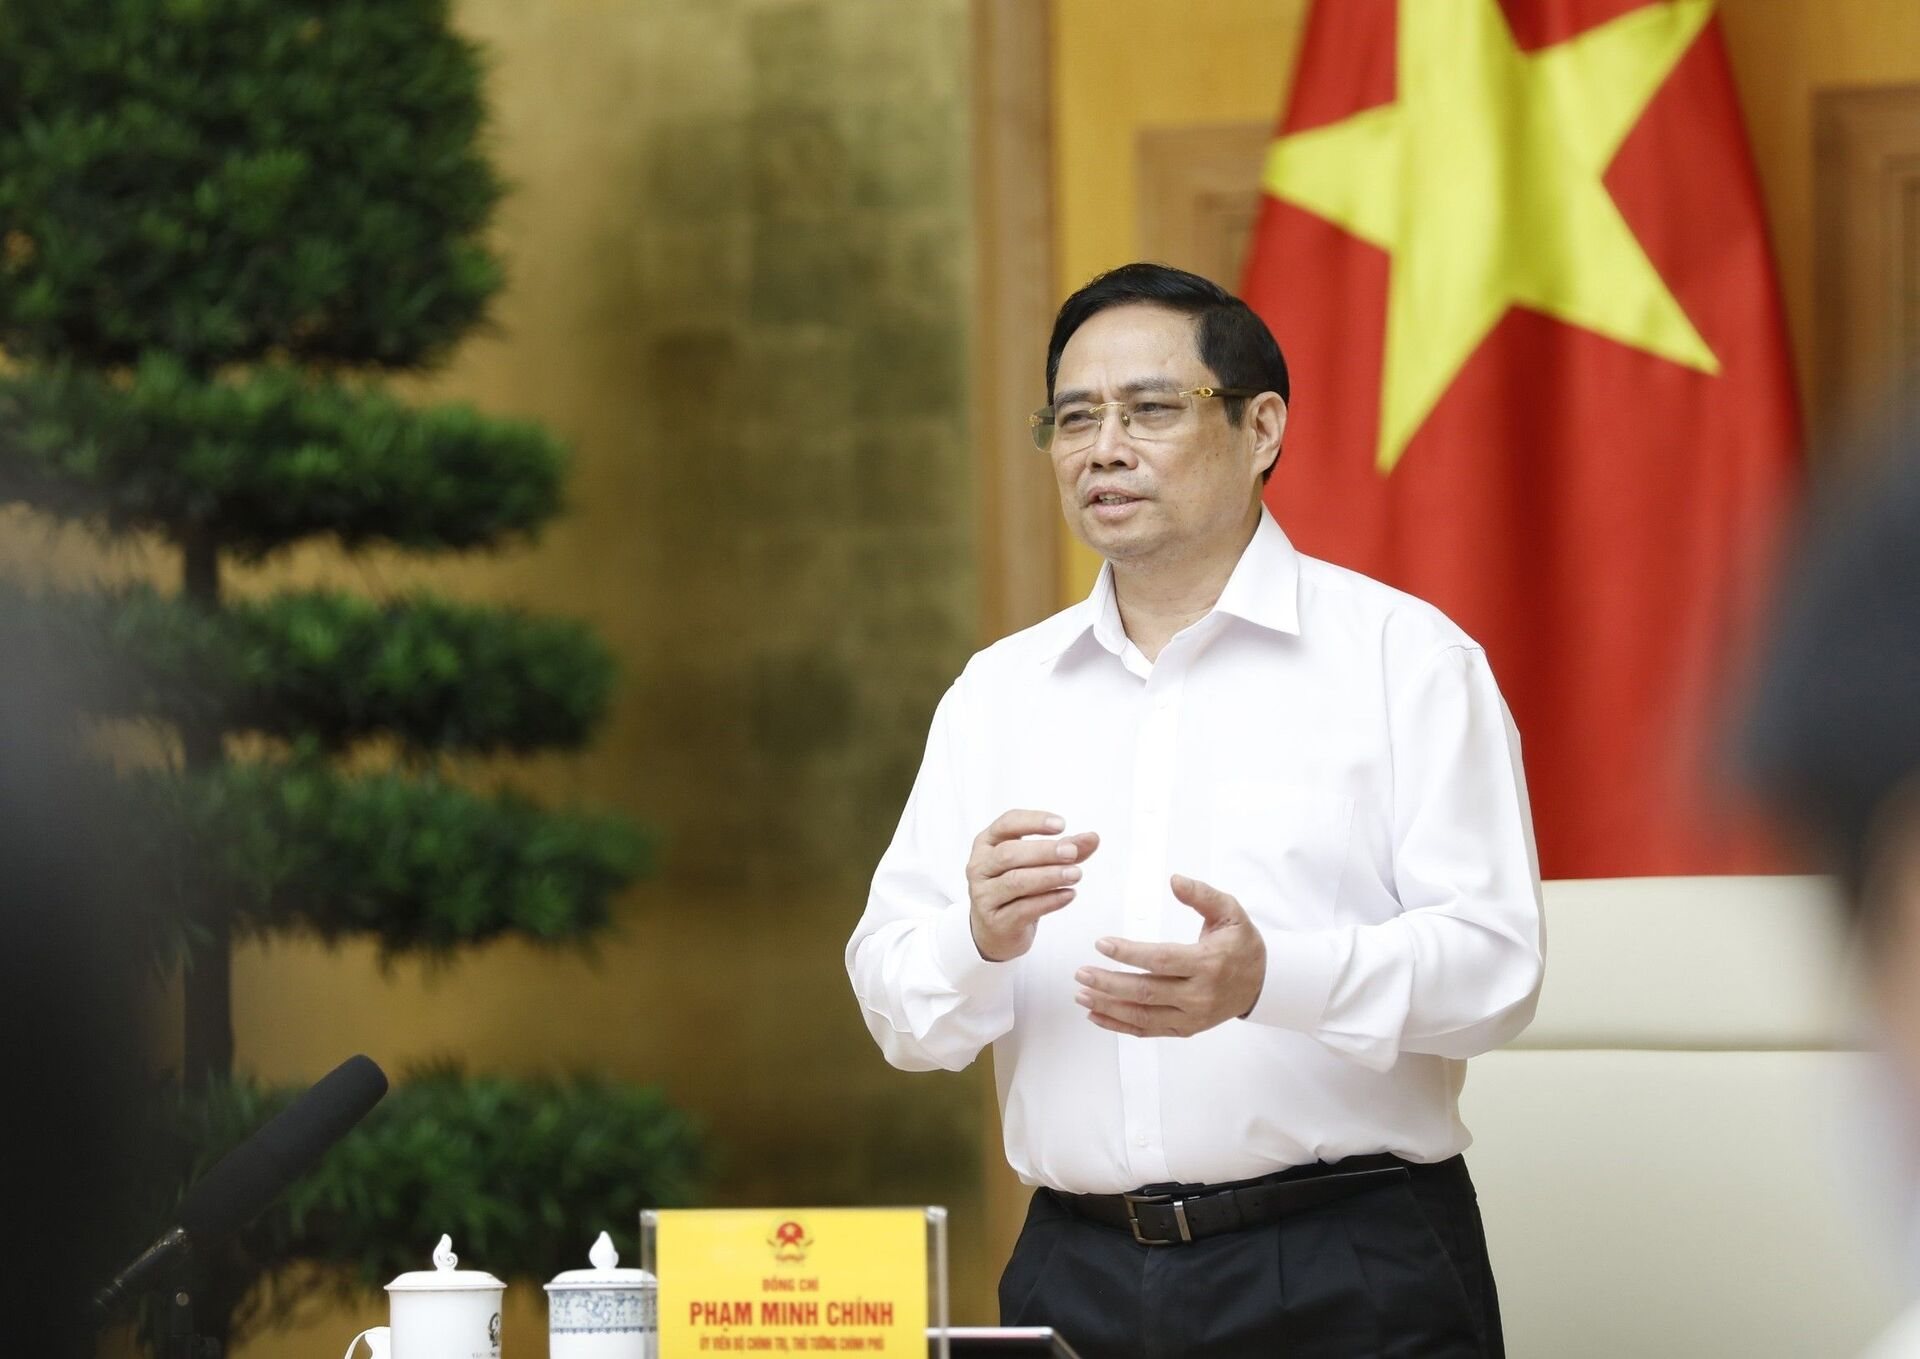 100% sinh kháng thể: Vaccine Covid-19 Nanocovax Việt Nam 'vượt xa kỳ vọng' - Sputnik Việt Nam, 1920, 07.06.2021